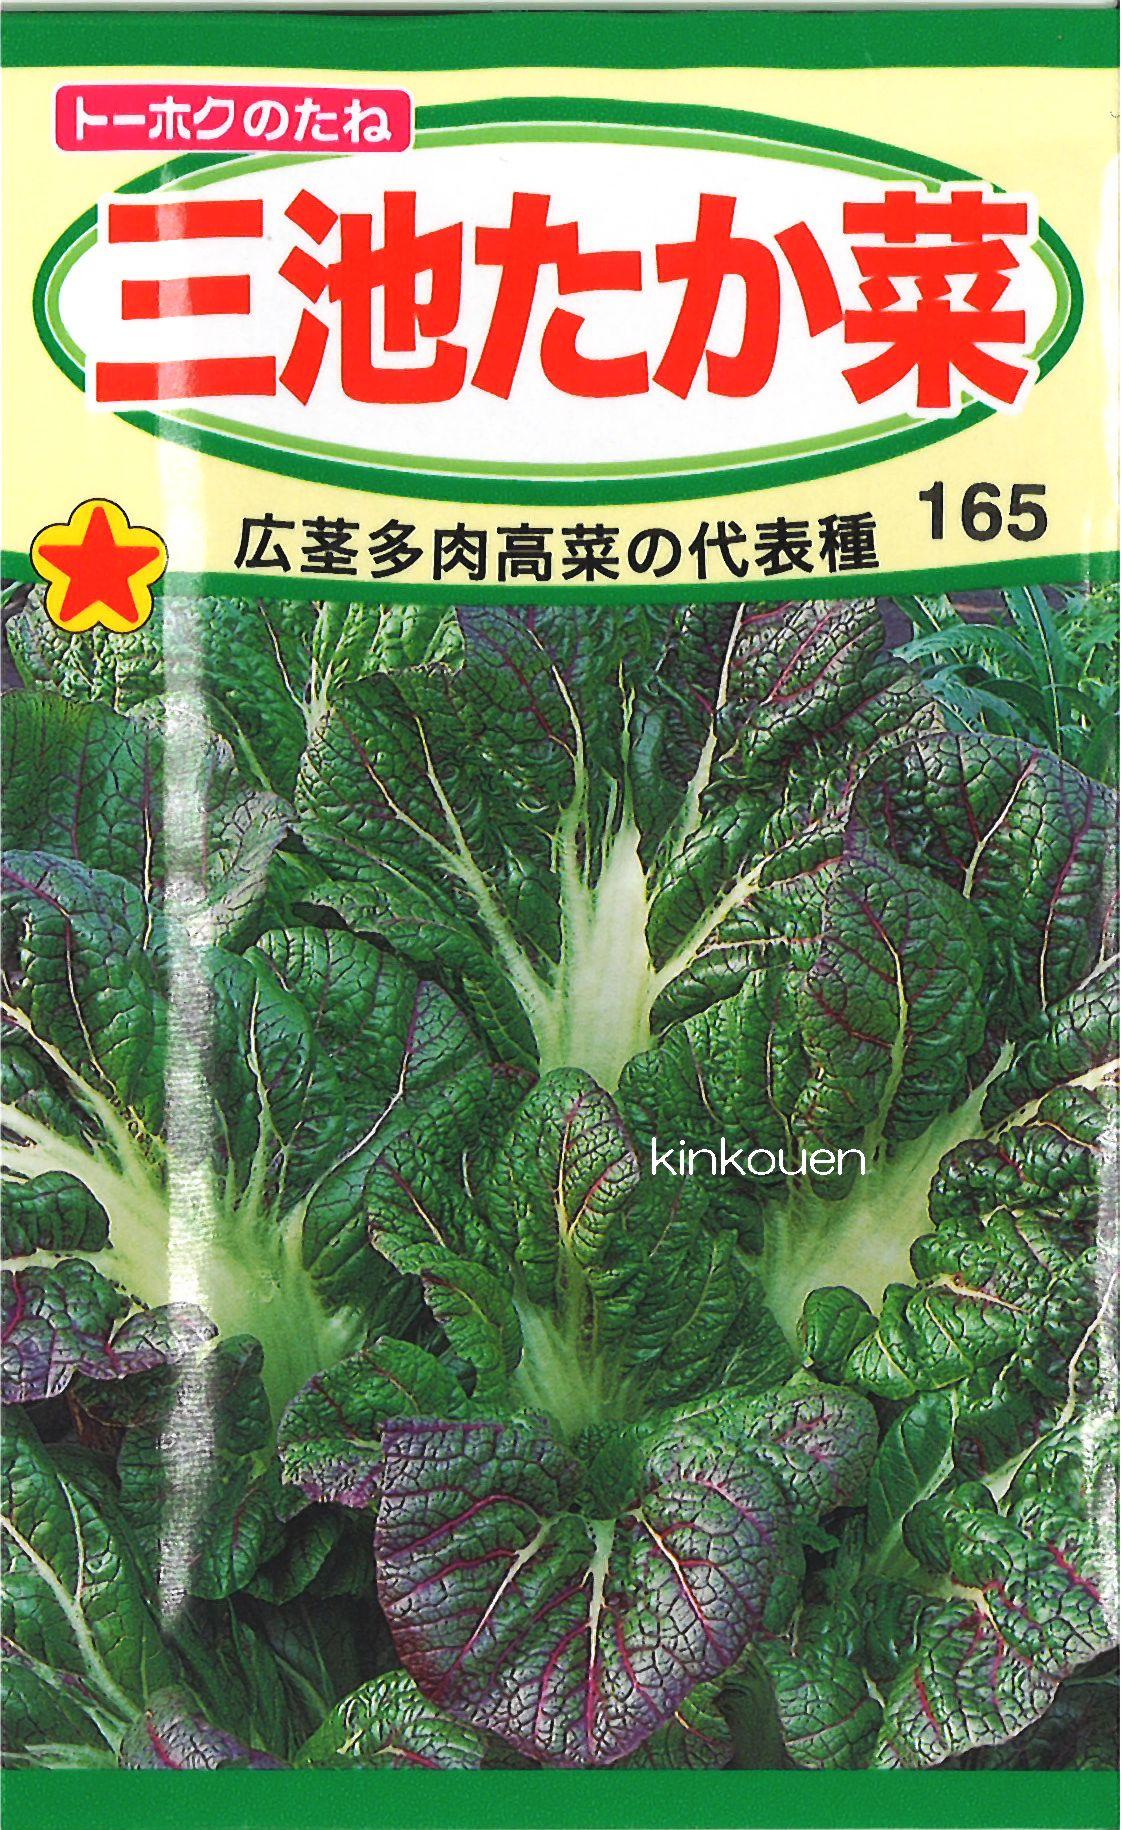 【代引不可】【5袋まで送料80円】□三池たか菜